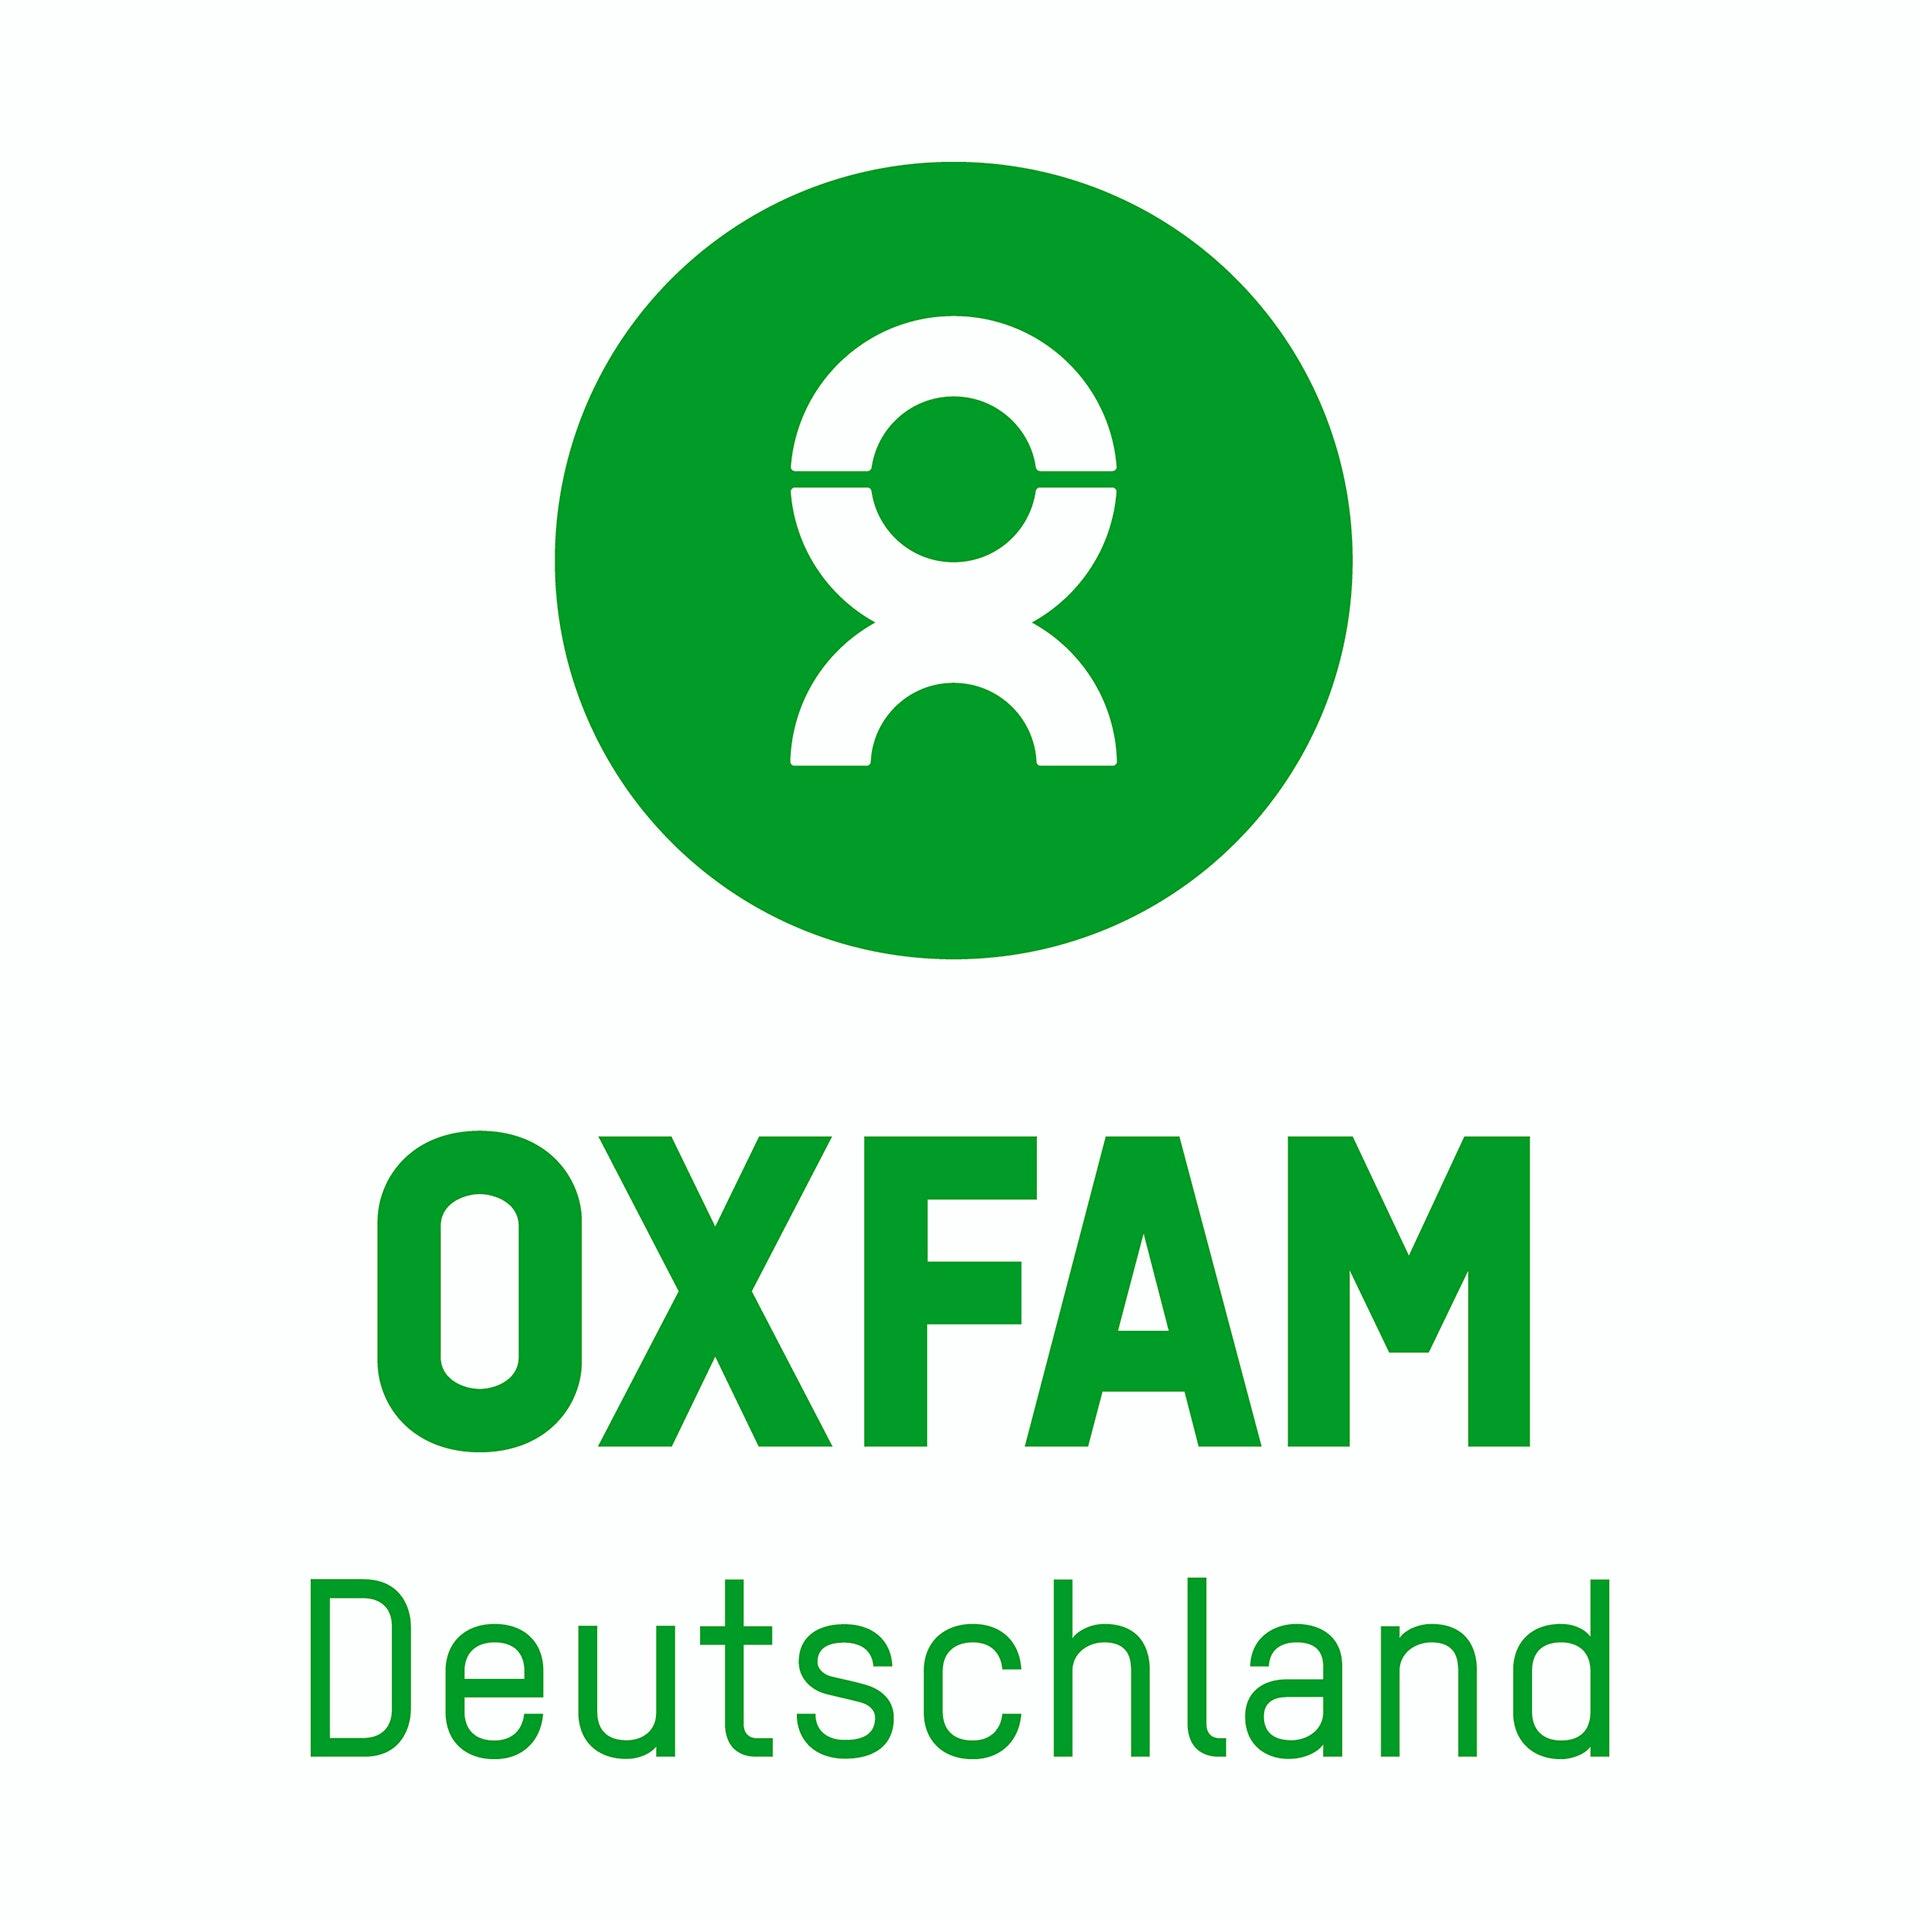 Oxfam Deutschland Shops gGmbH